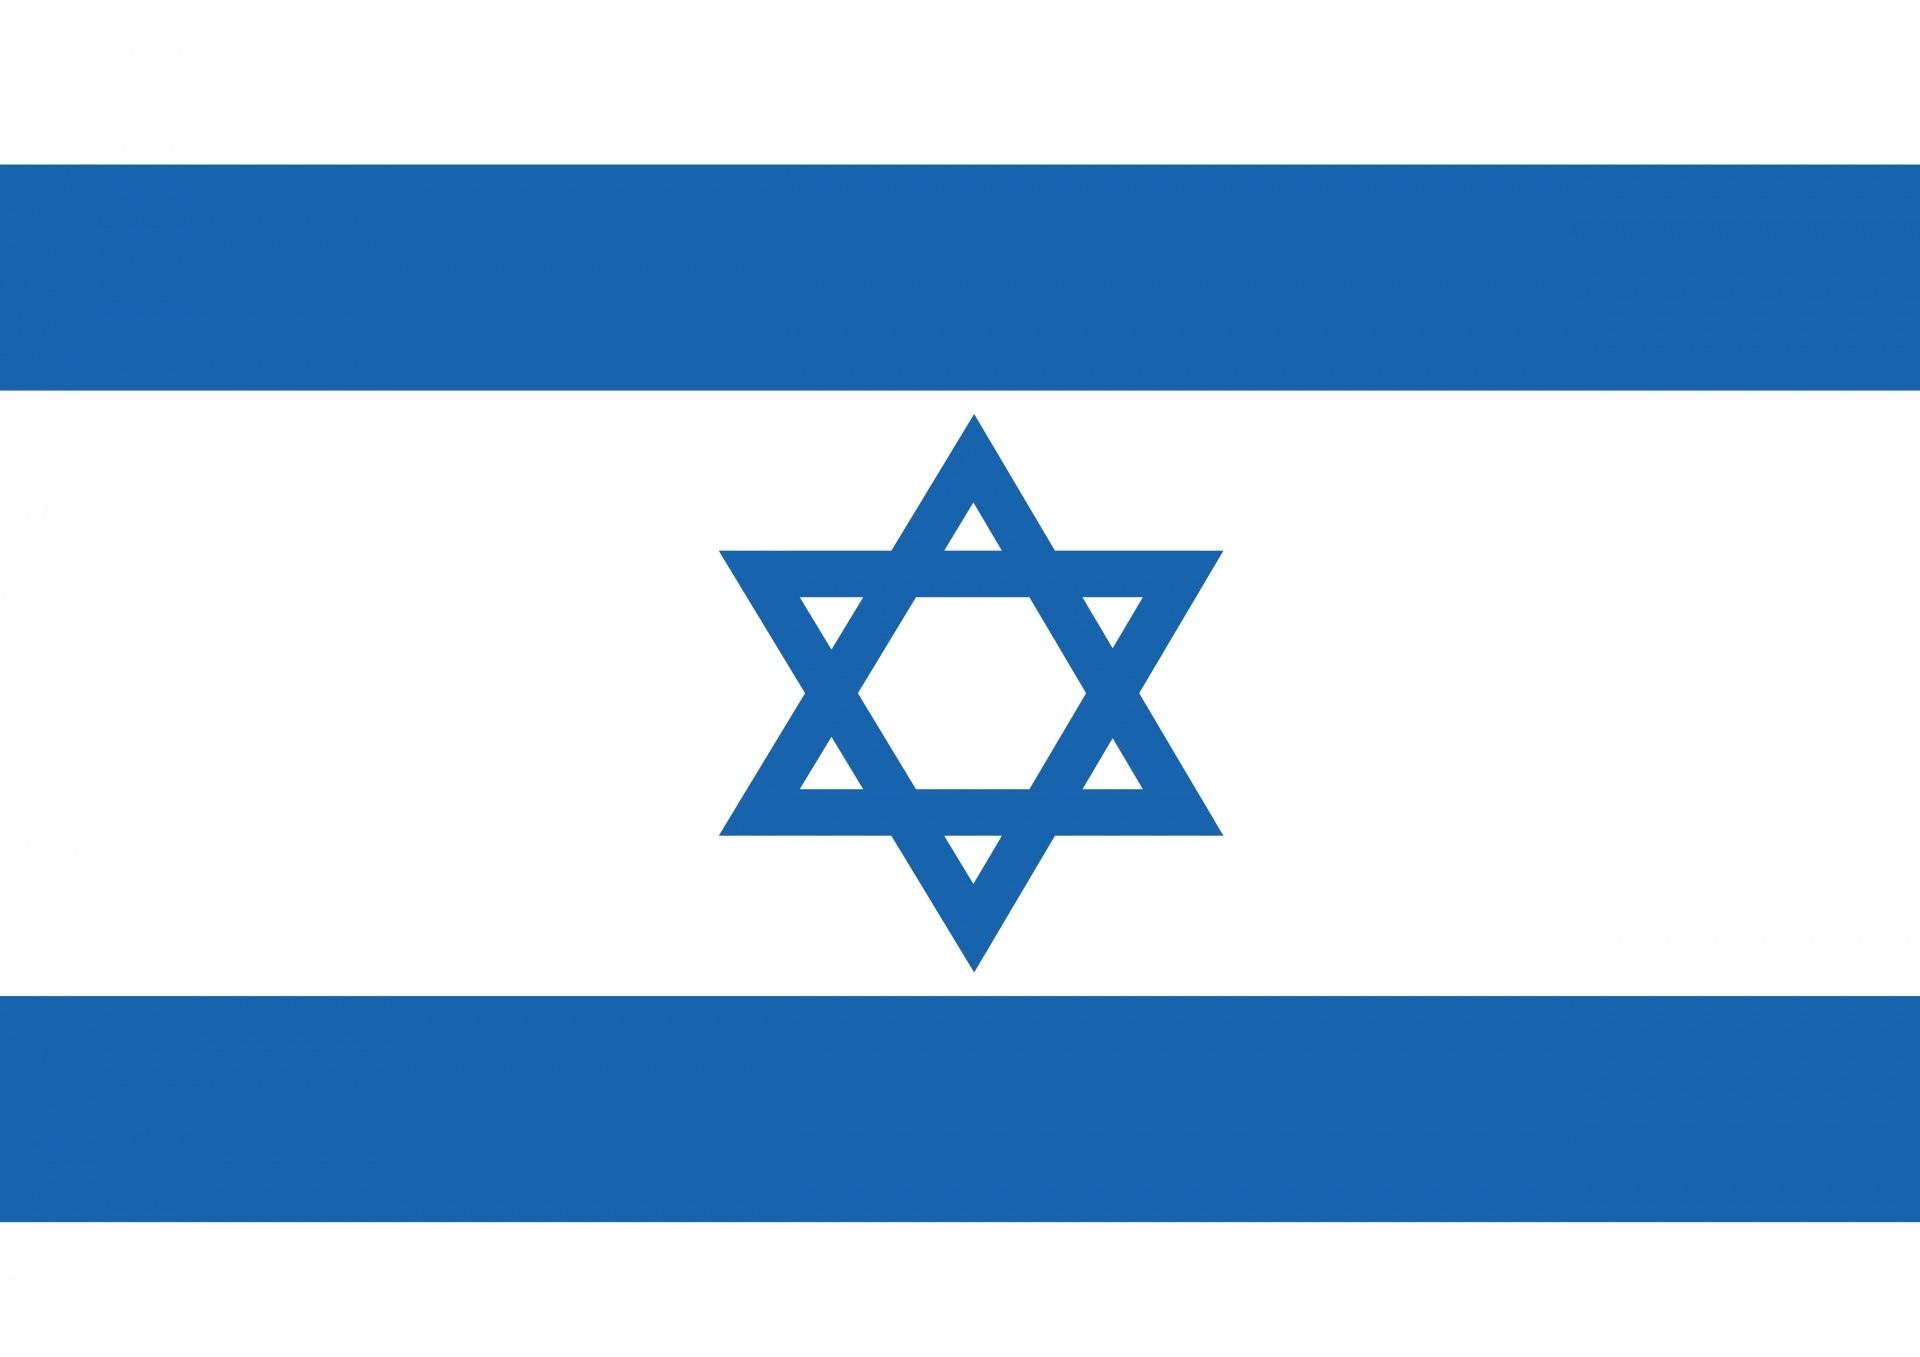 Israelin lippu 2